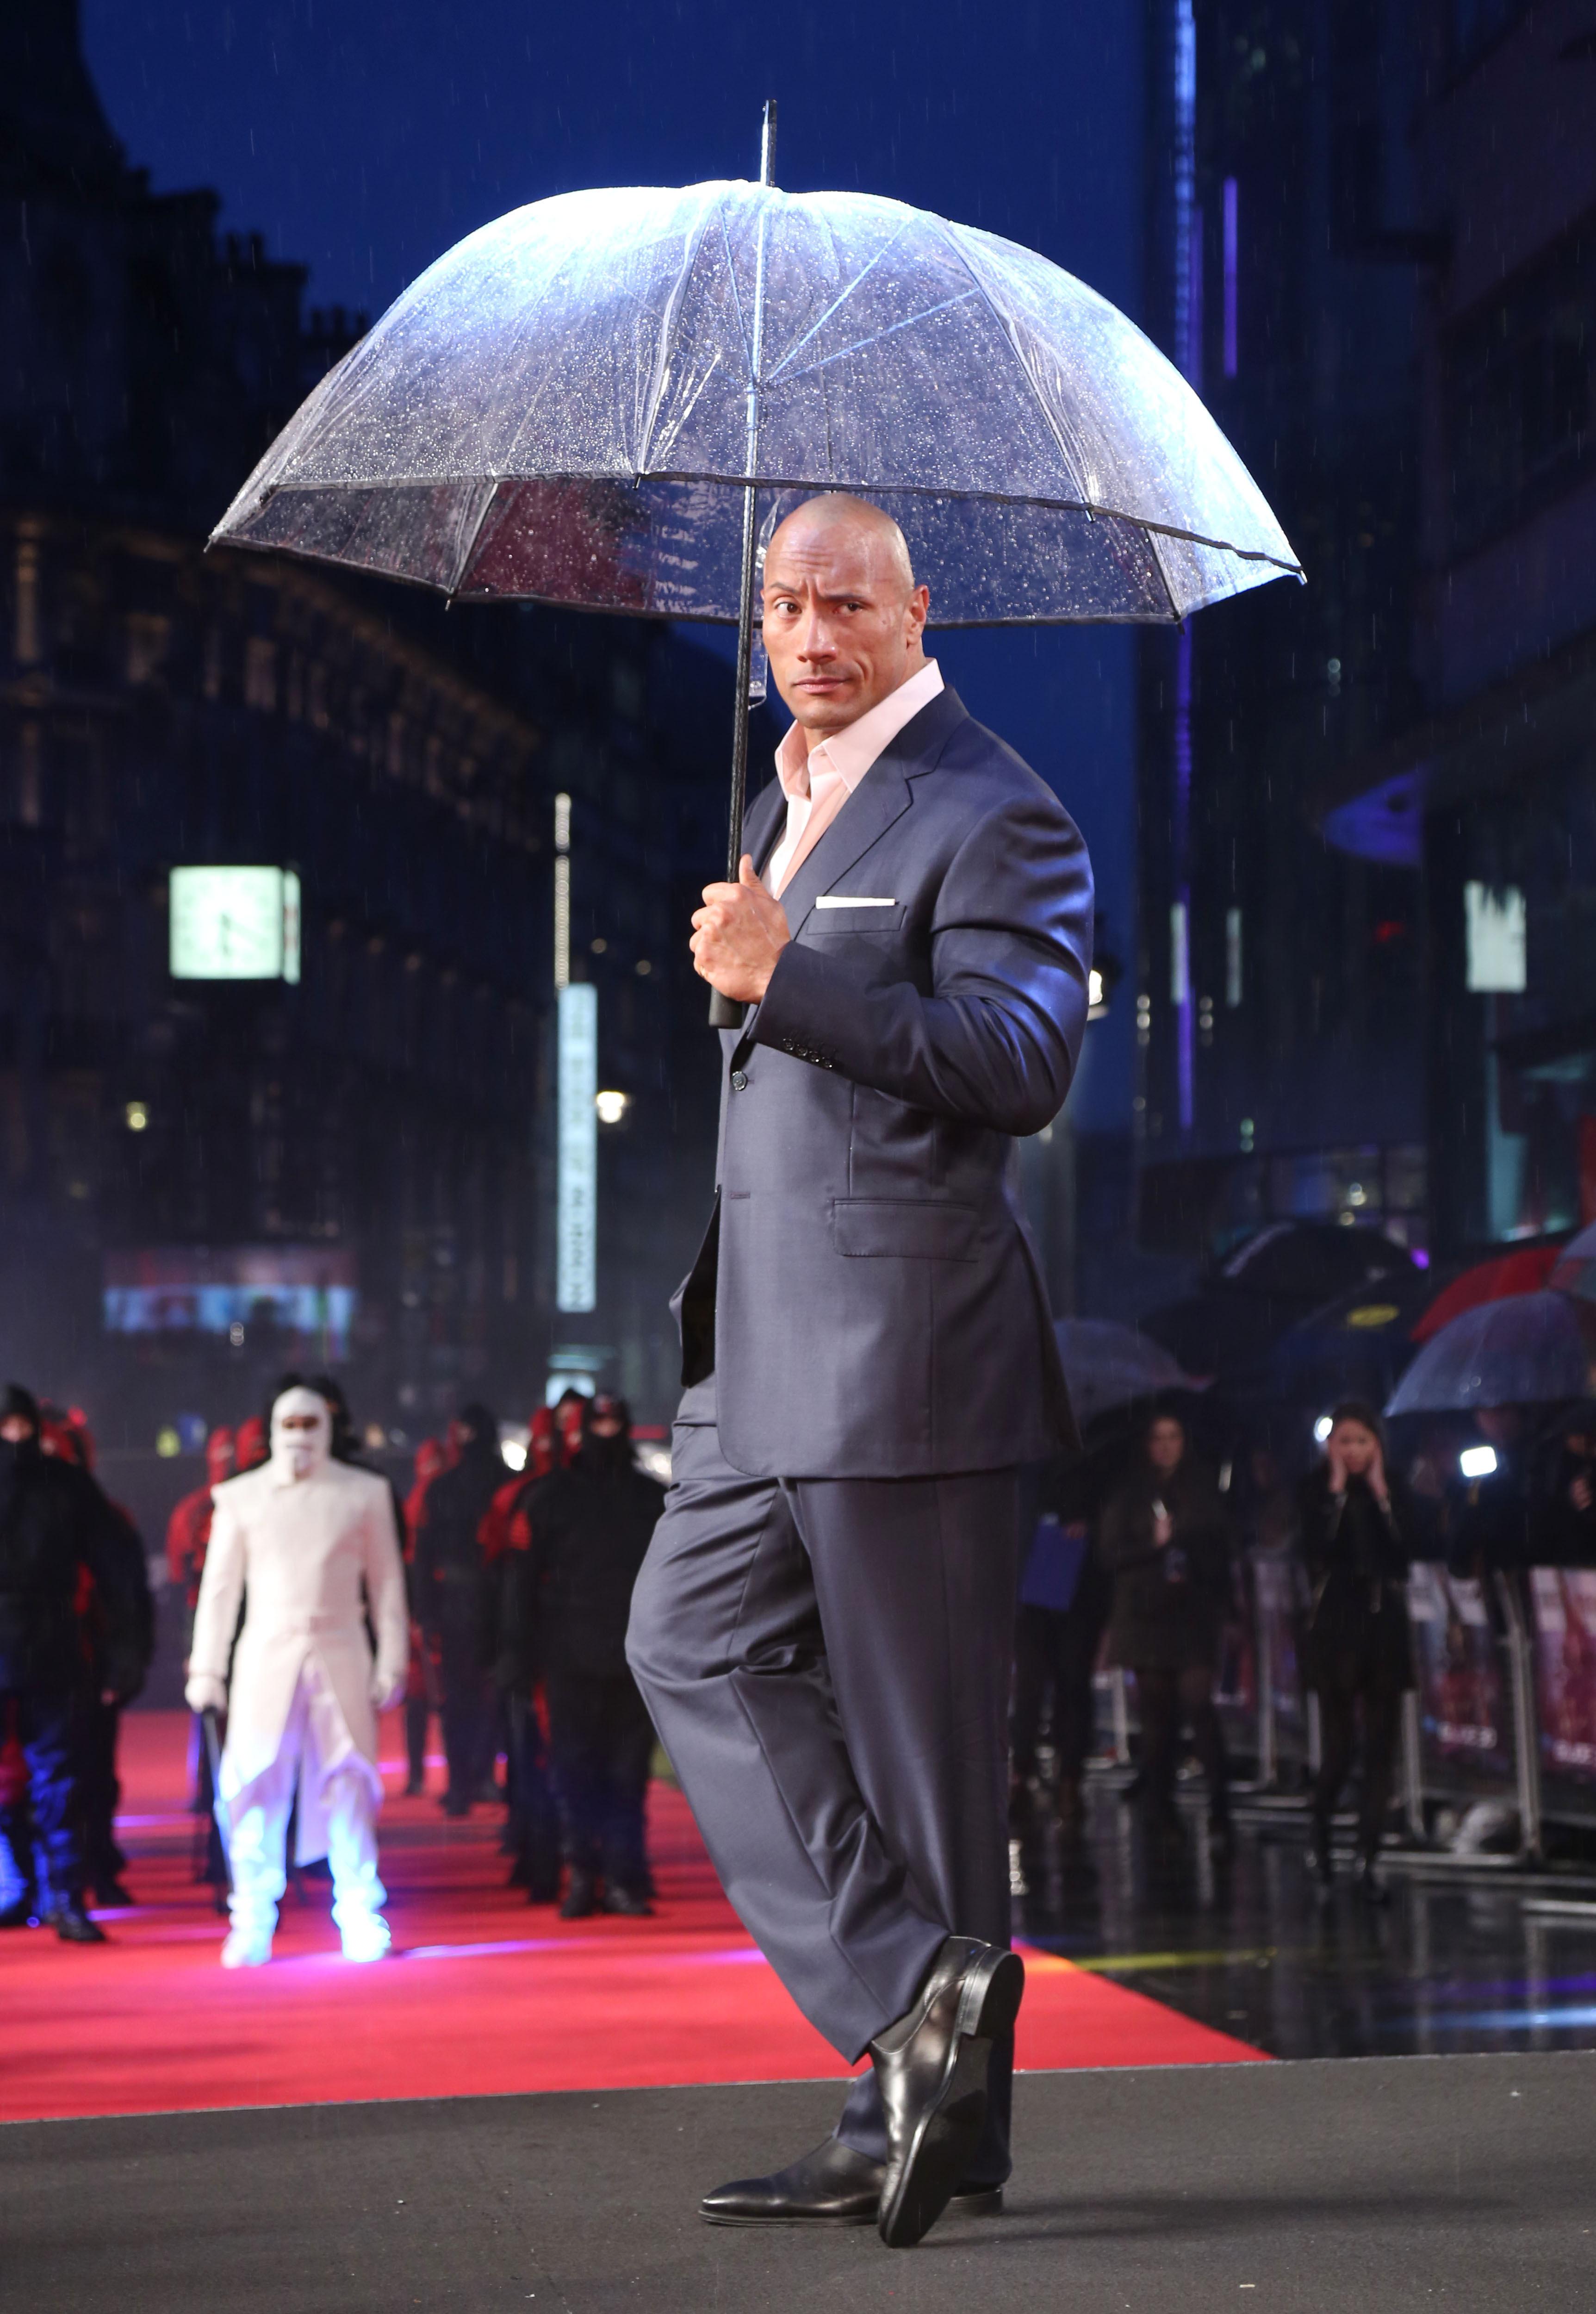 Dwayne Johnson GI Joe: Retaliation rain umbrella